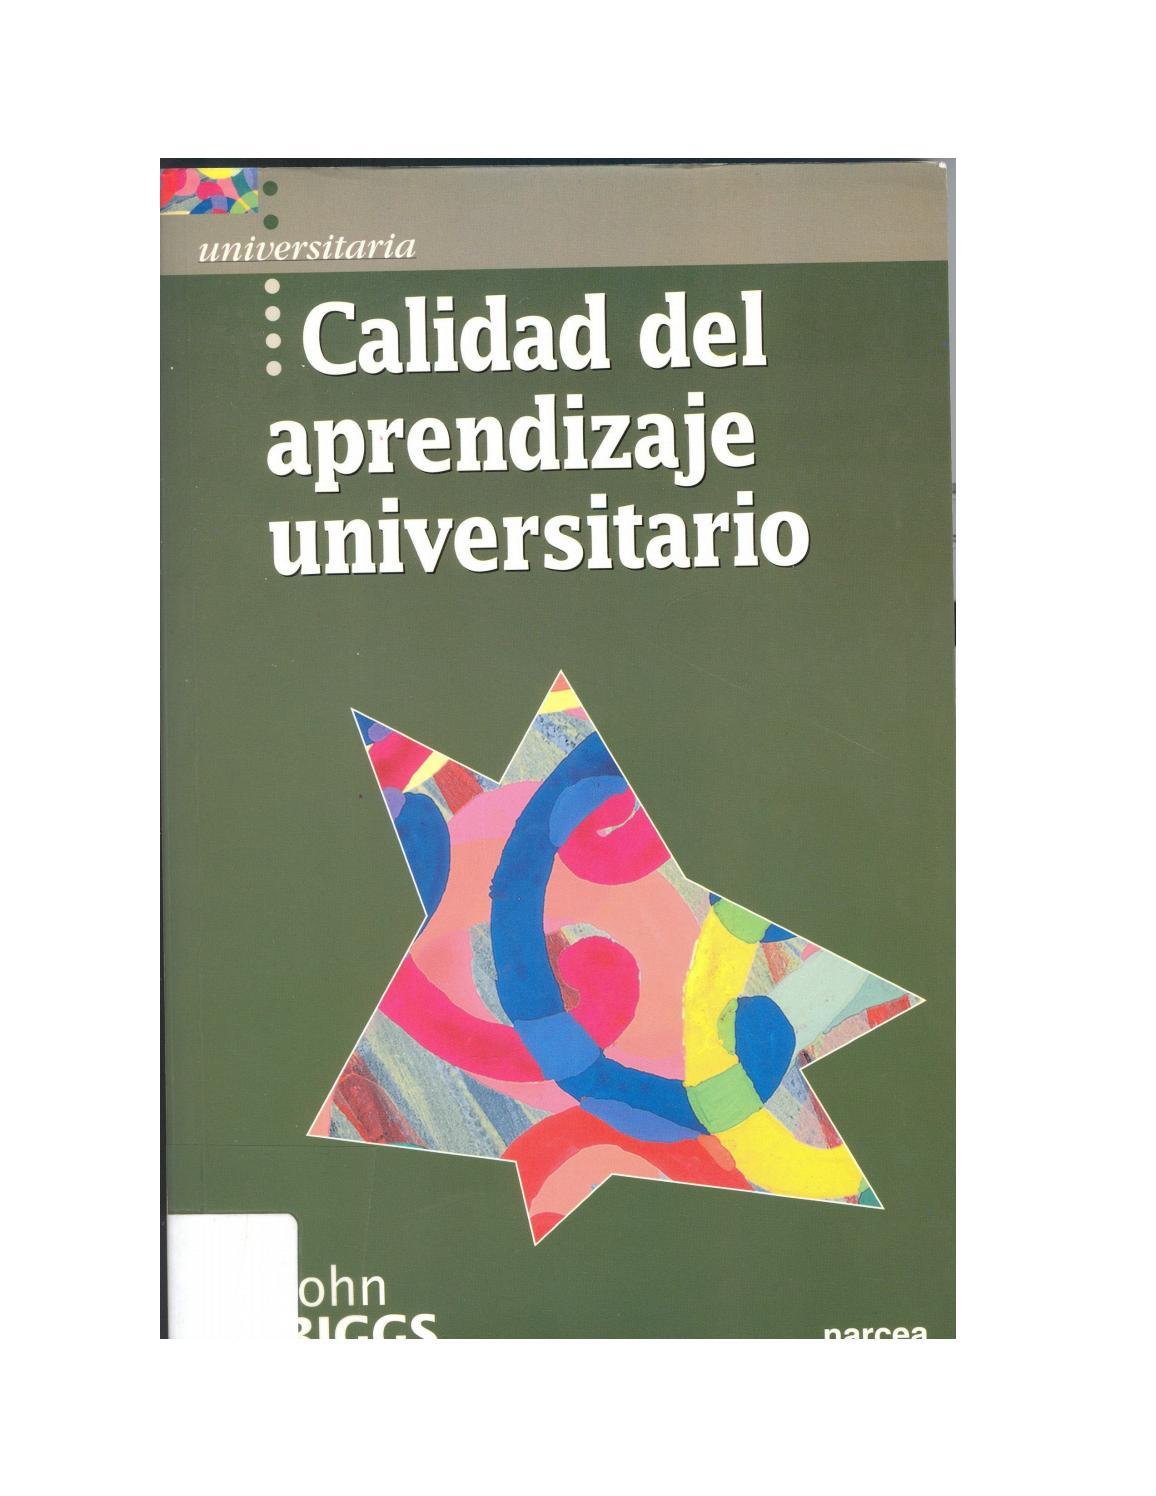 calidad de aprendizaje by Jairo Alejandro Espejo Mendoza - issuu